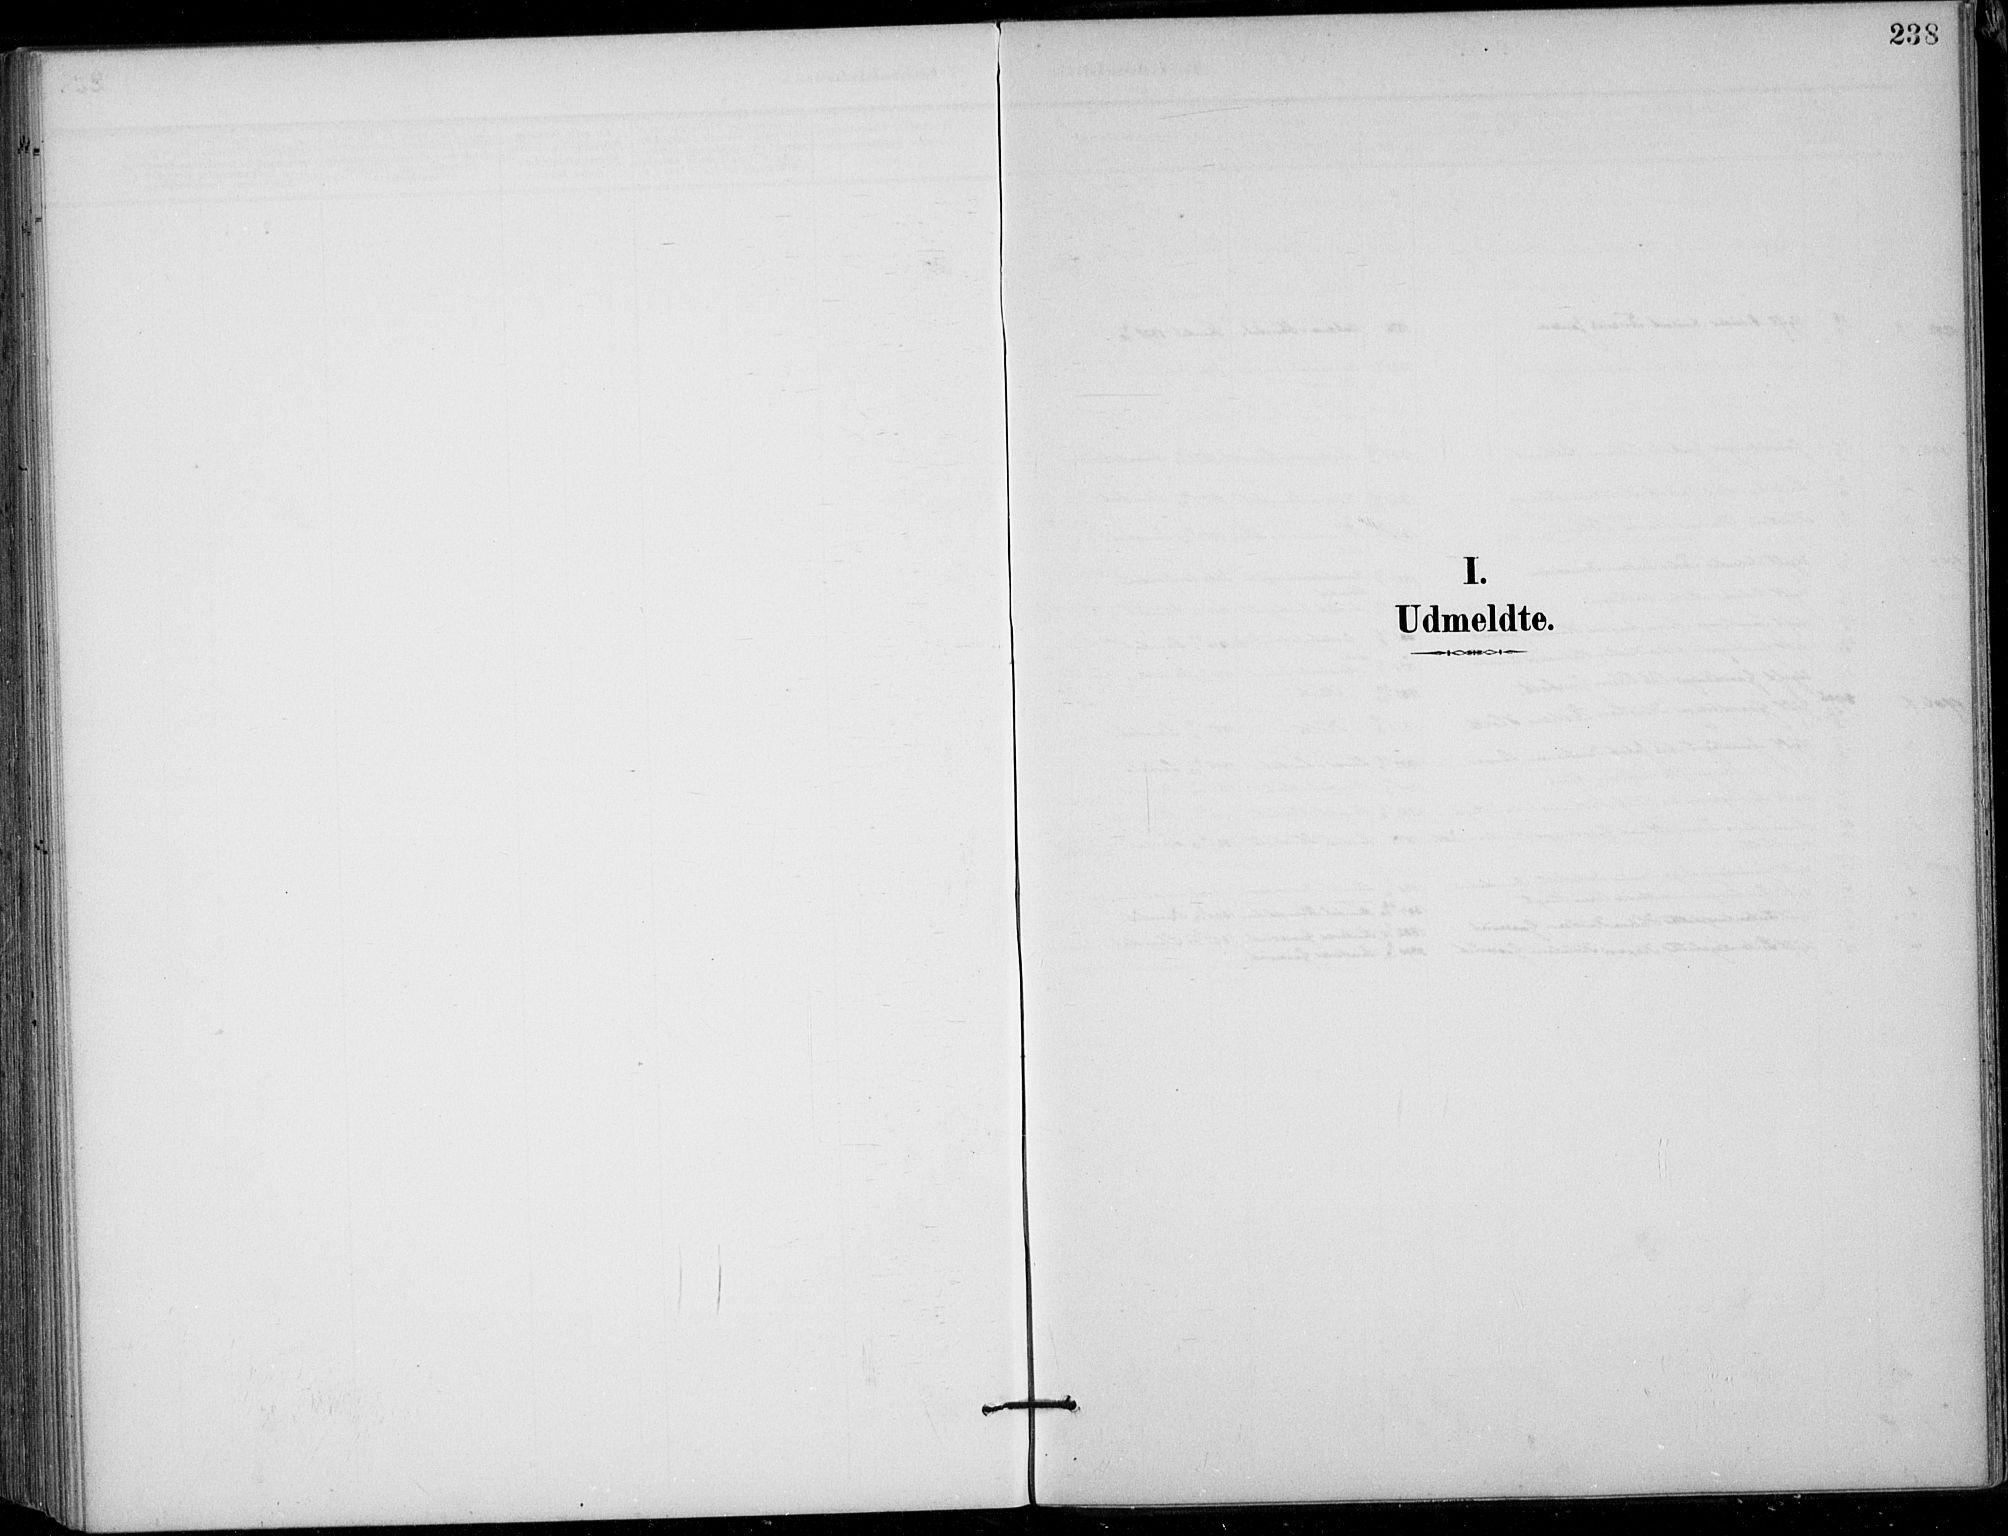 SAKO, Siljan kirkebøker, F/Fa/L0003: Ministerialbok nr. 3, 1896-1910, s. 238